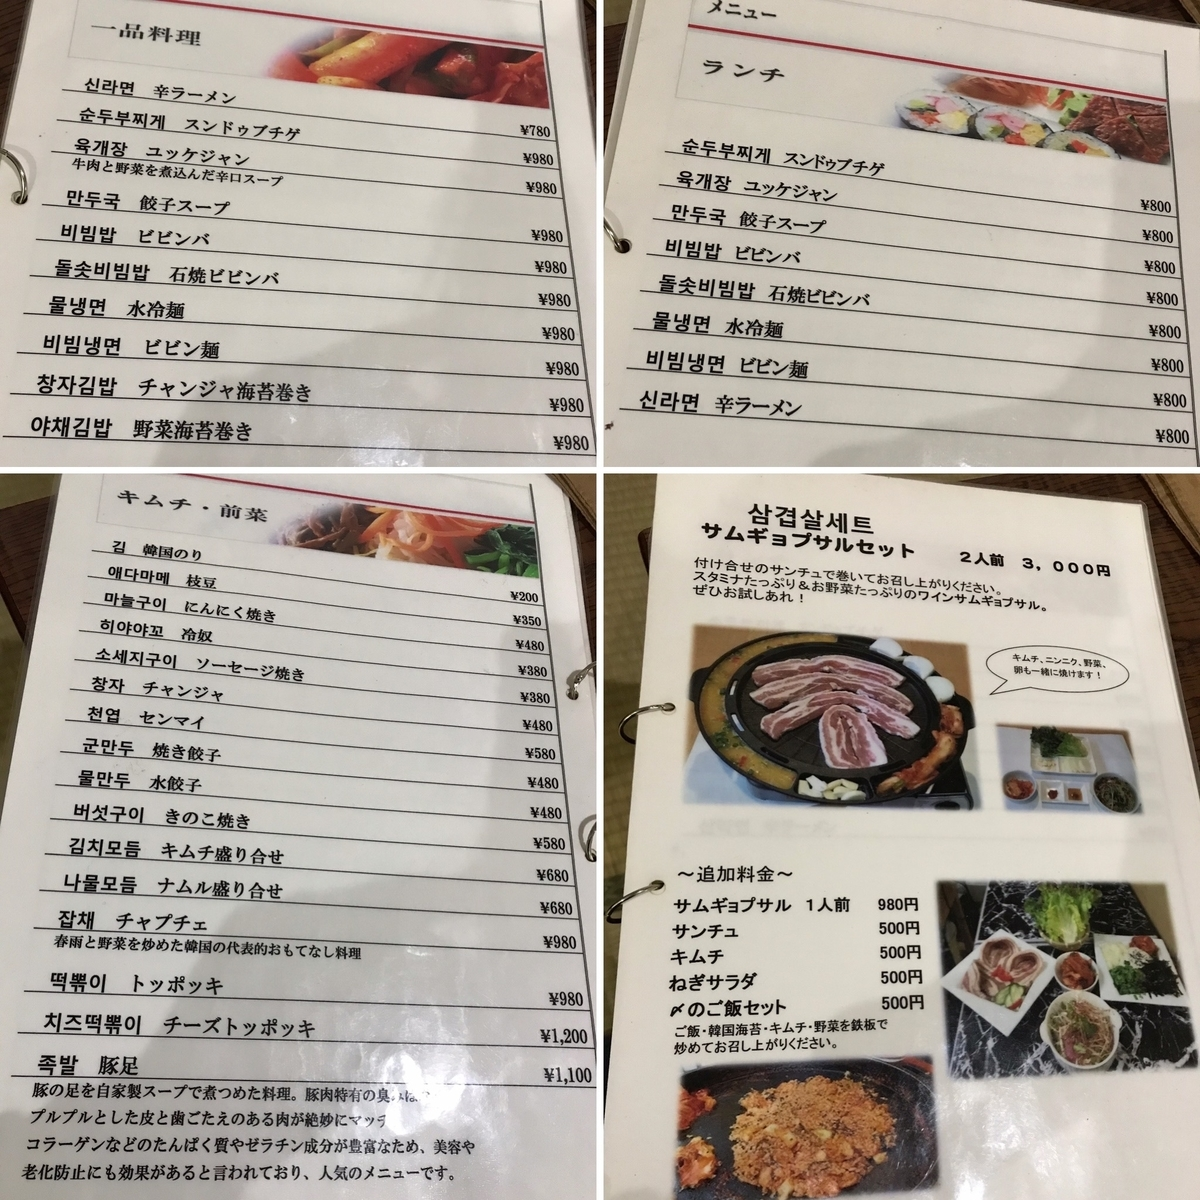 むつ市、韓国料理ハンのメニュー